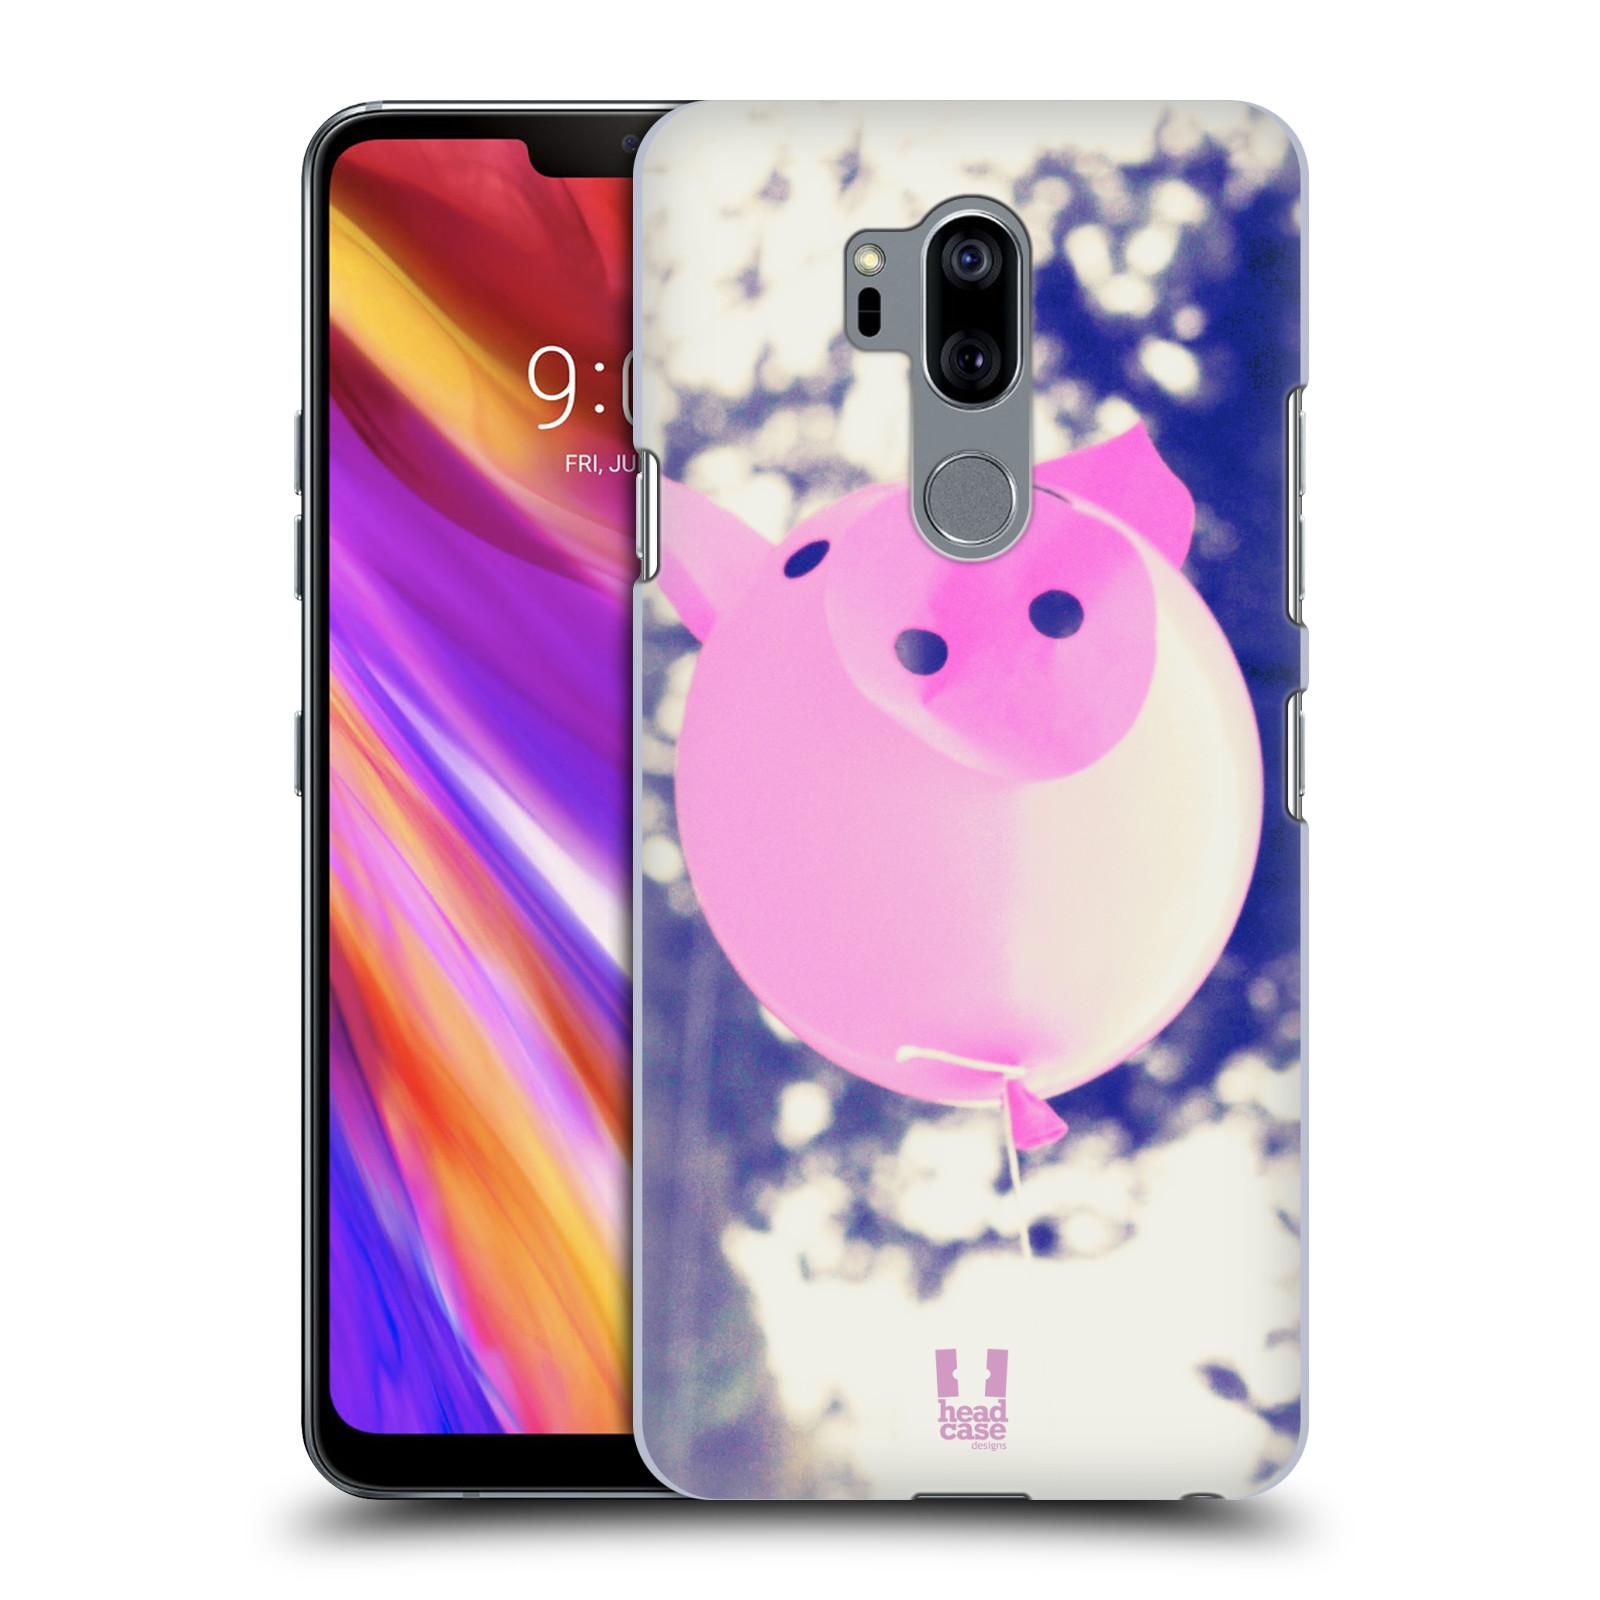 Plastové pouzdro na mobil LG G7 ThinQ - Head Case - BALON PAŠÍK